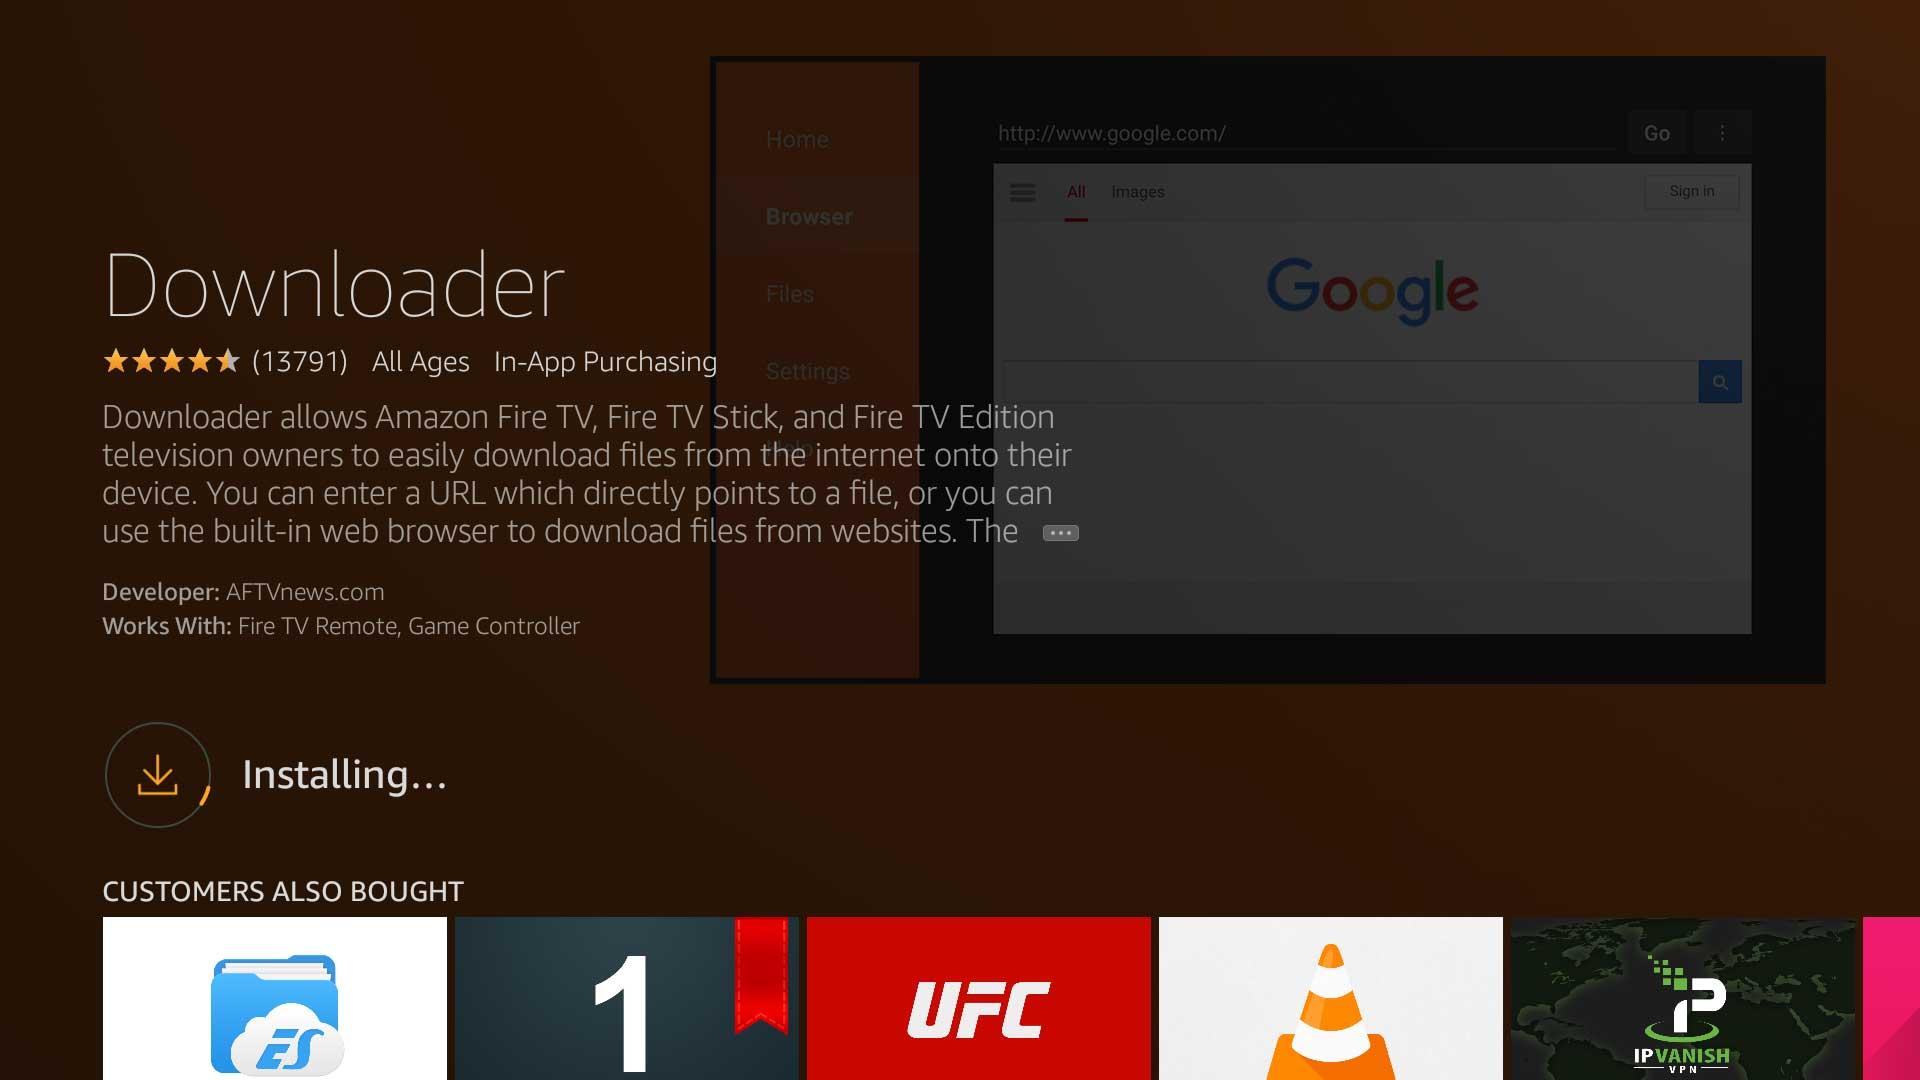 Downloader-App-Installing | AFTVnews